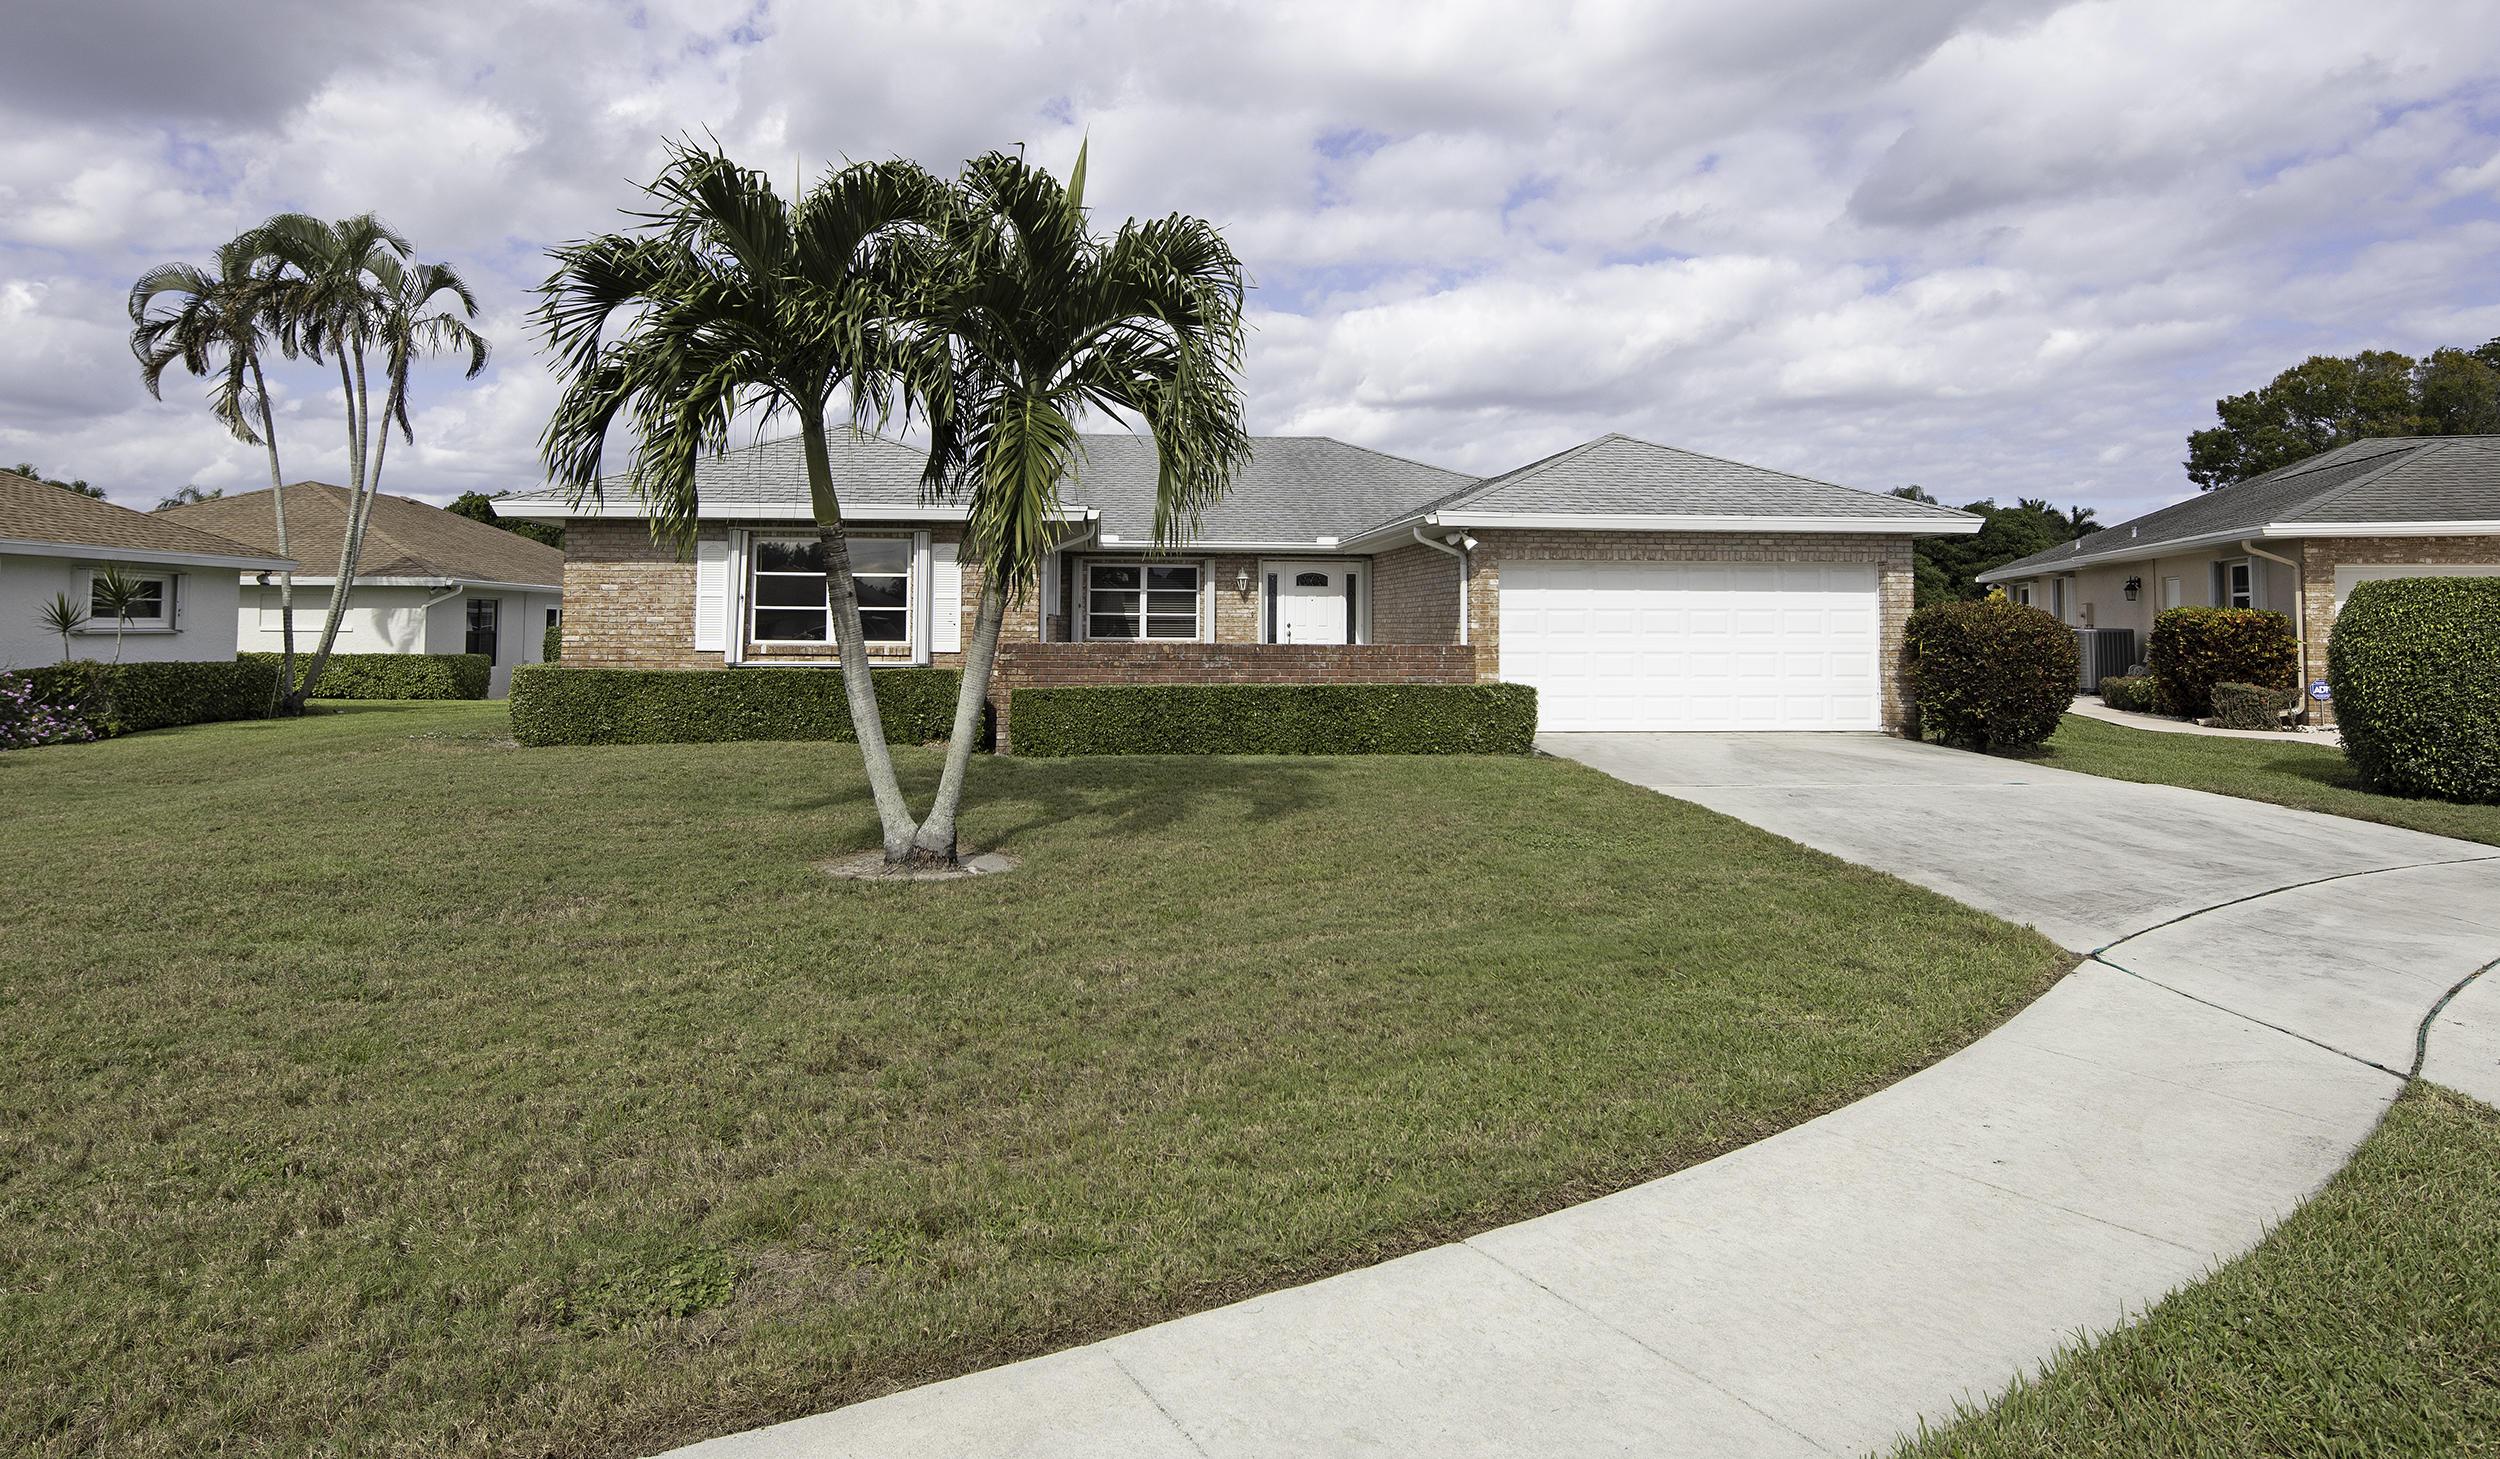 Photo of 10885 Ventura Circle, Boynton Beach, FL 33436